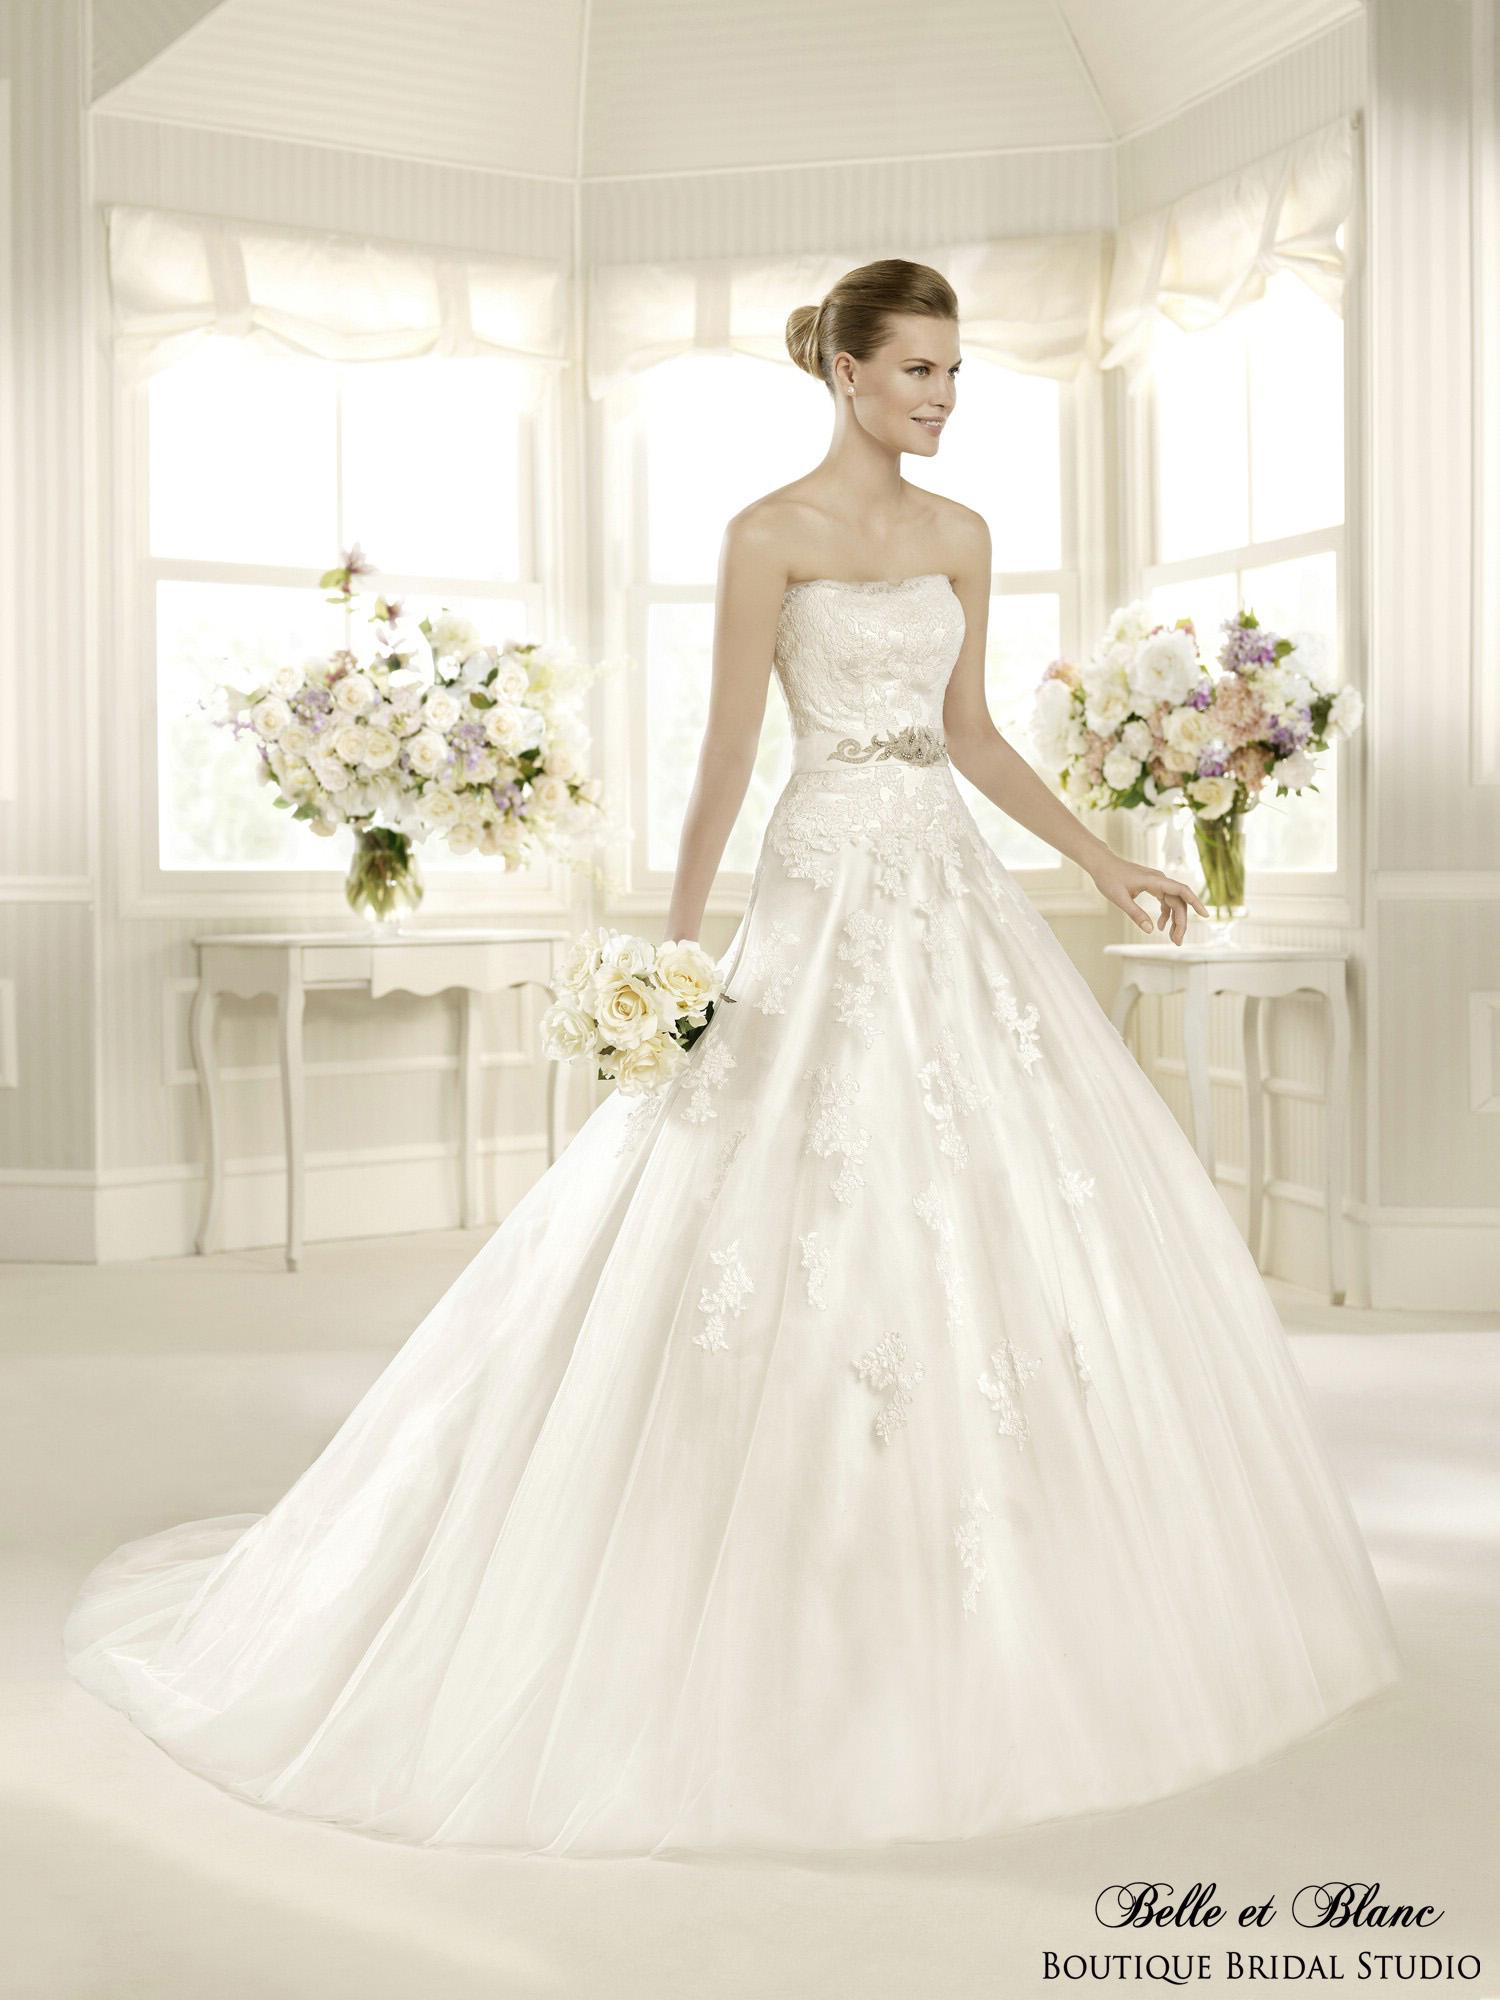 ddb7a8dbf67b7 Miranda Wedding Dress Melbourne Ball Gown